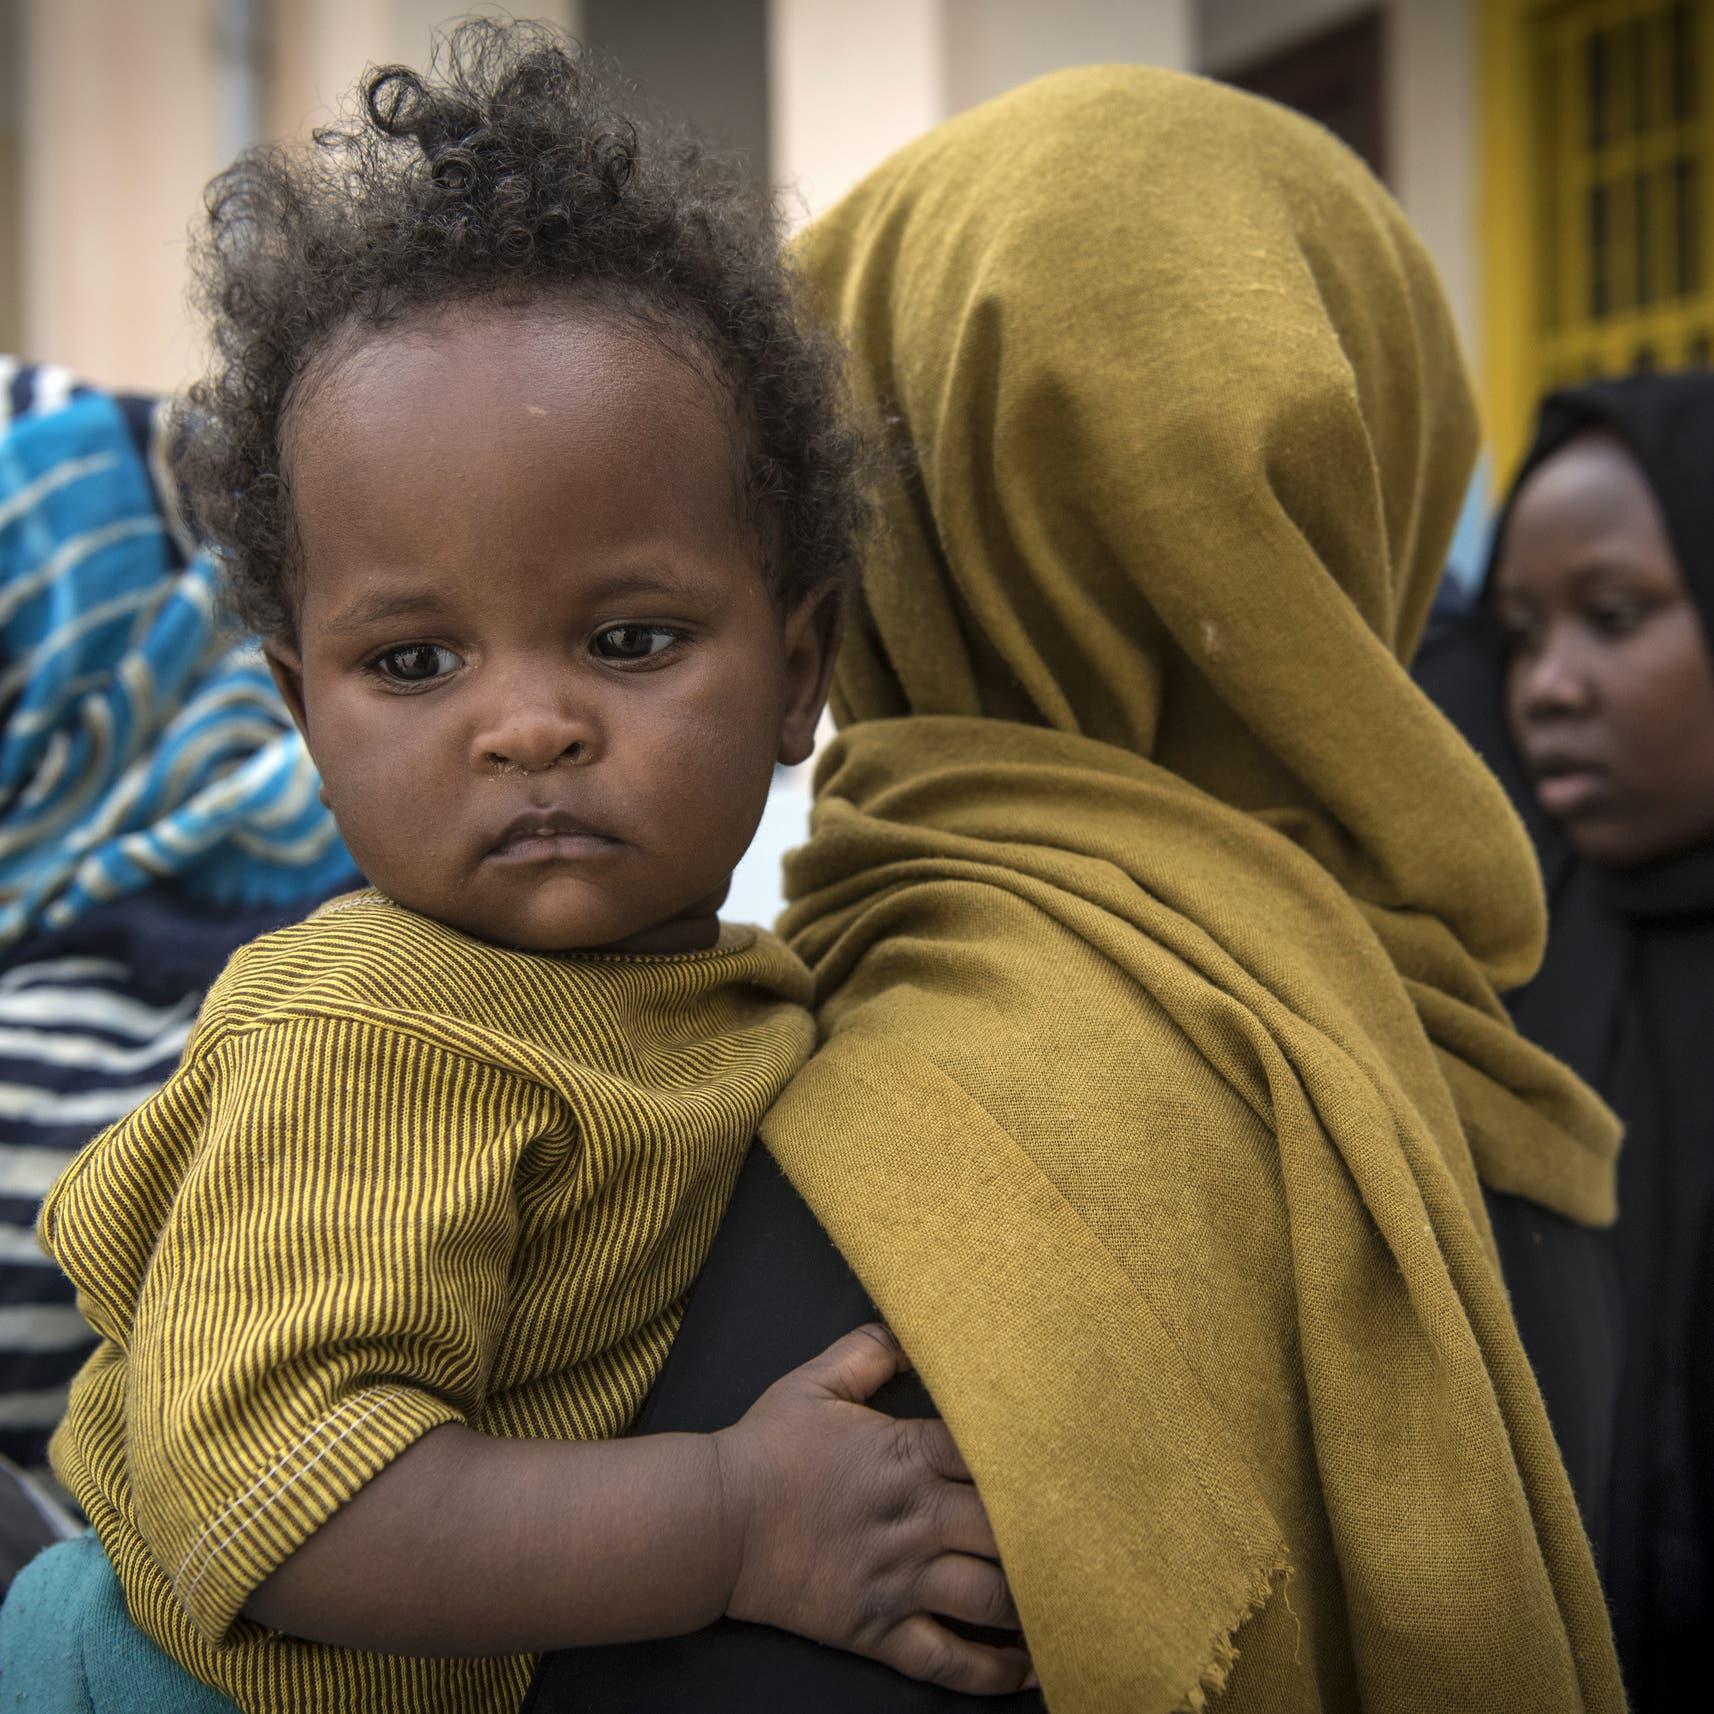 الأمم المتحدة تعلق عملياتها بمركز لاجئين في طرابلس